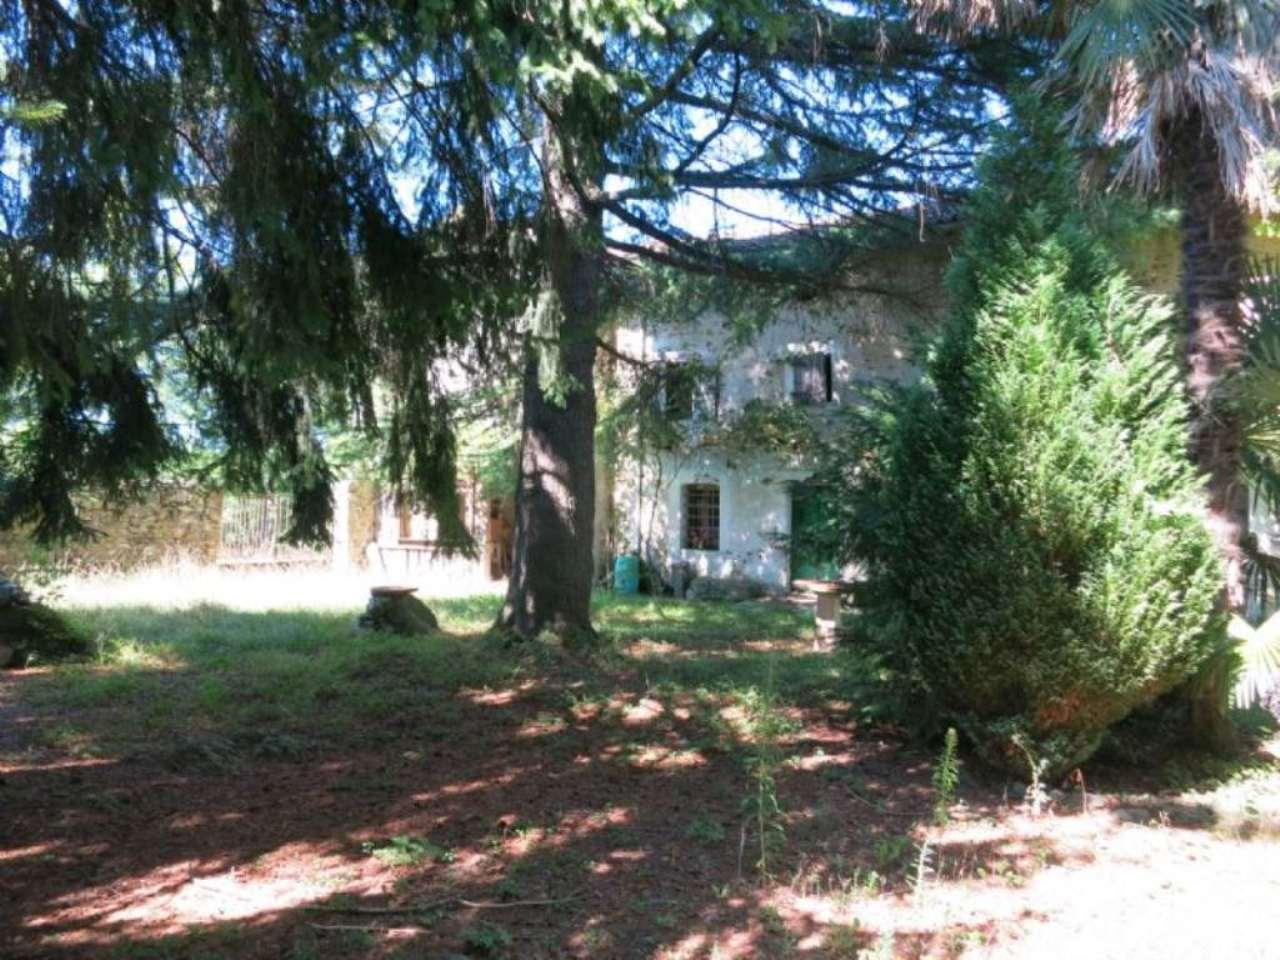 Rustico / Casale in vendita a Moruzzo, 10 locali, Trattative riservate | CambioCasa.it